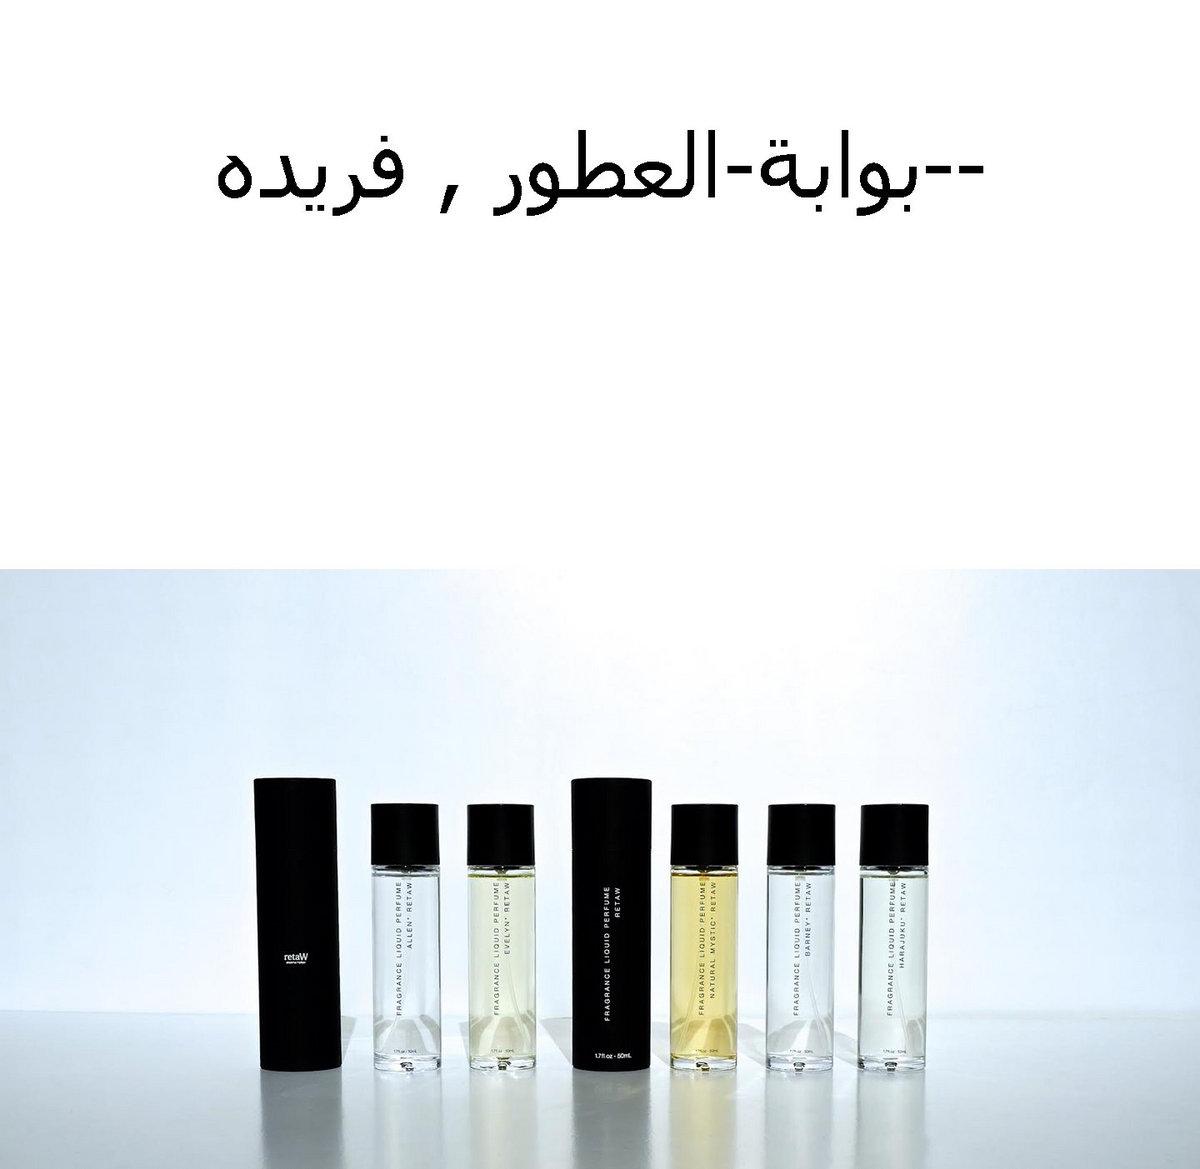 a5950cb33 الخصم يبيع عطر بوابة-العطور , فريده-- - الامارات | phalyglabilge